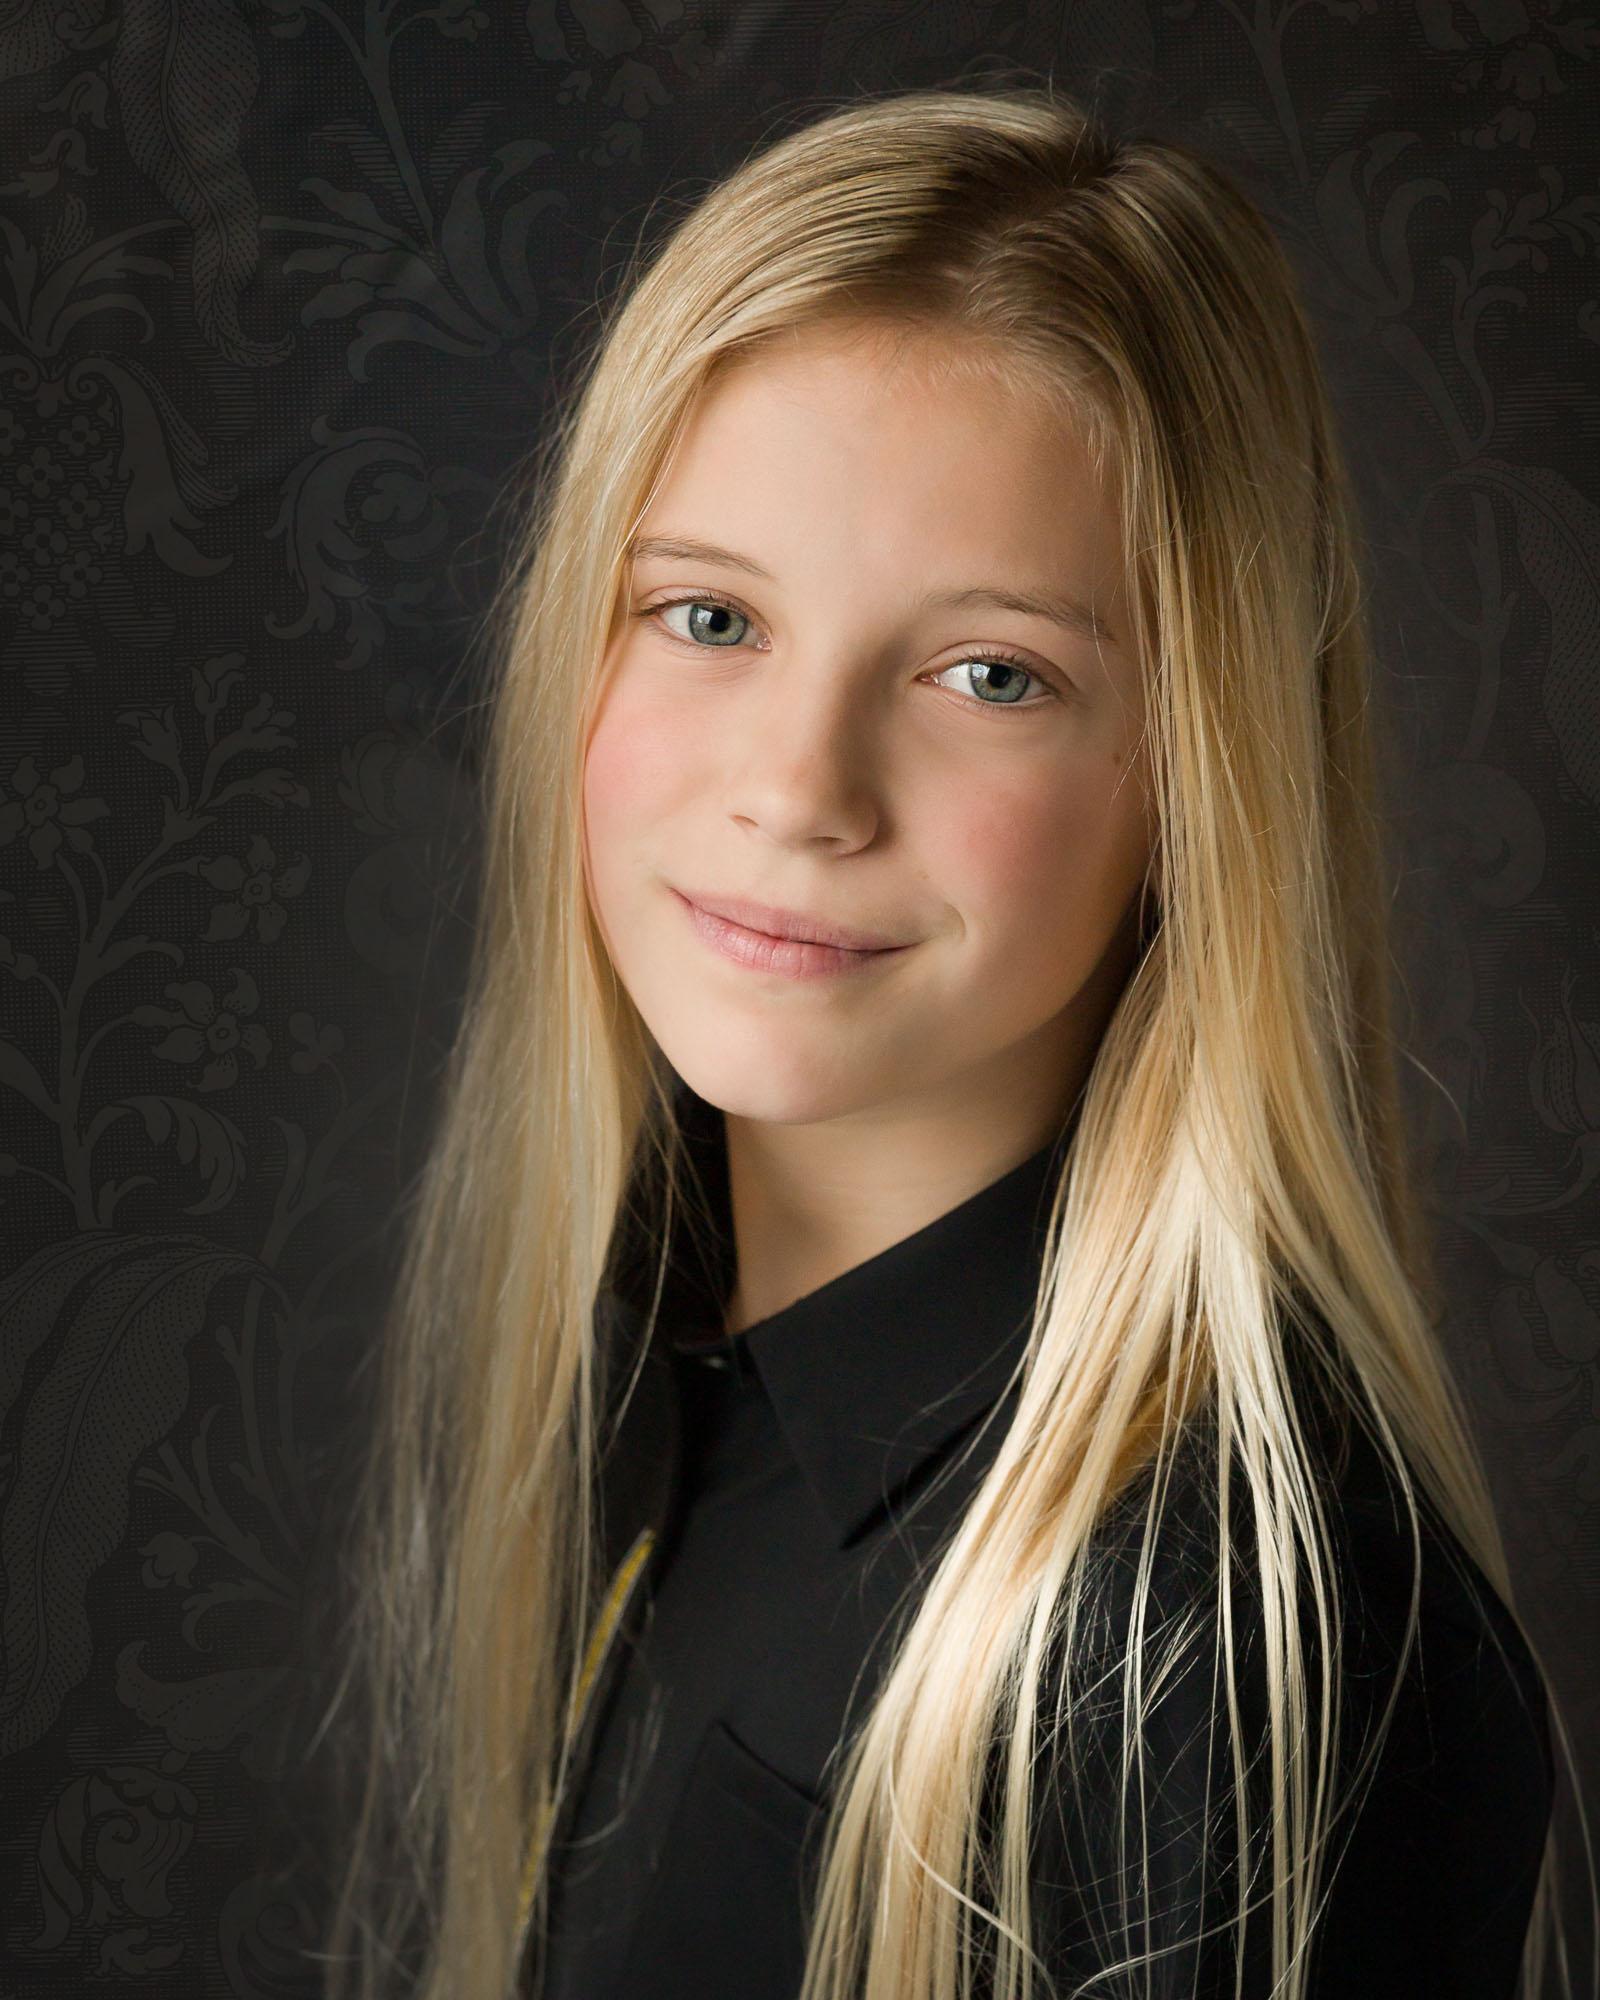 Fineart portret van blond meisje met natuurlijk licht in daglicht fotostudio door Mayra Fotografie